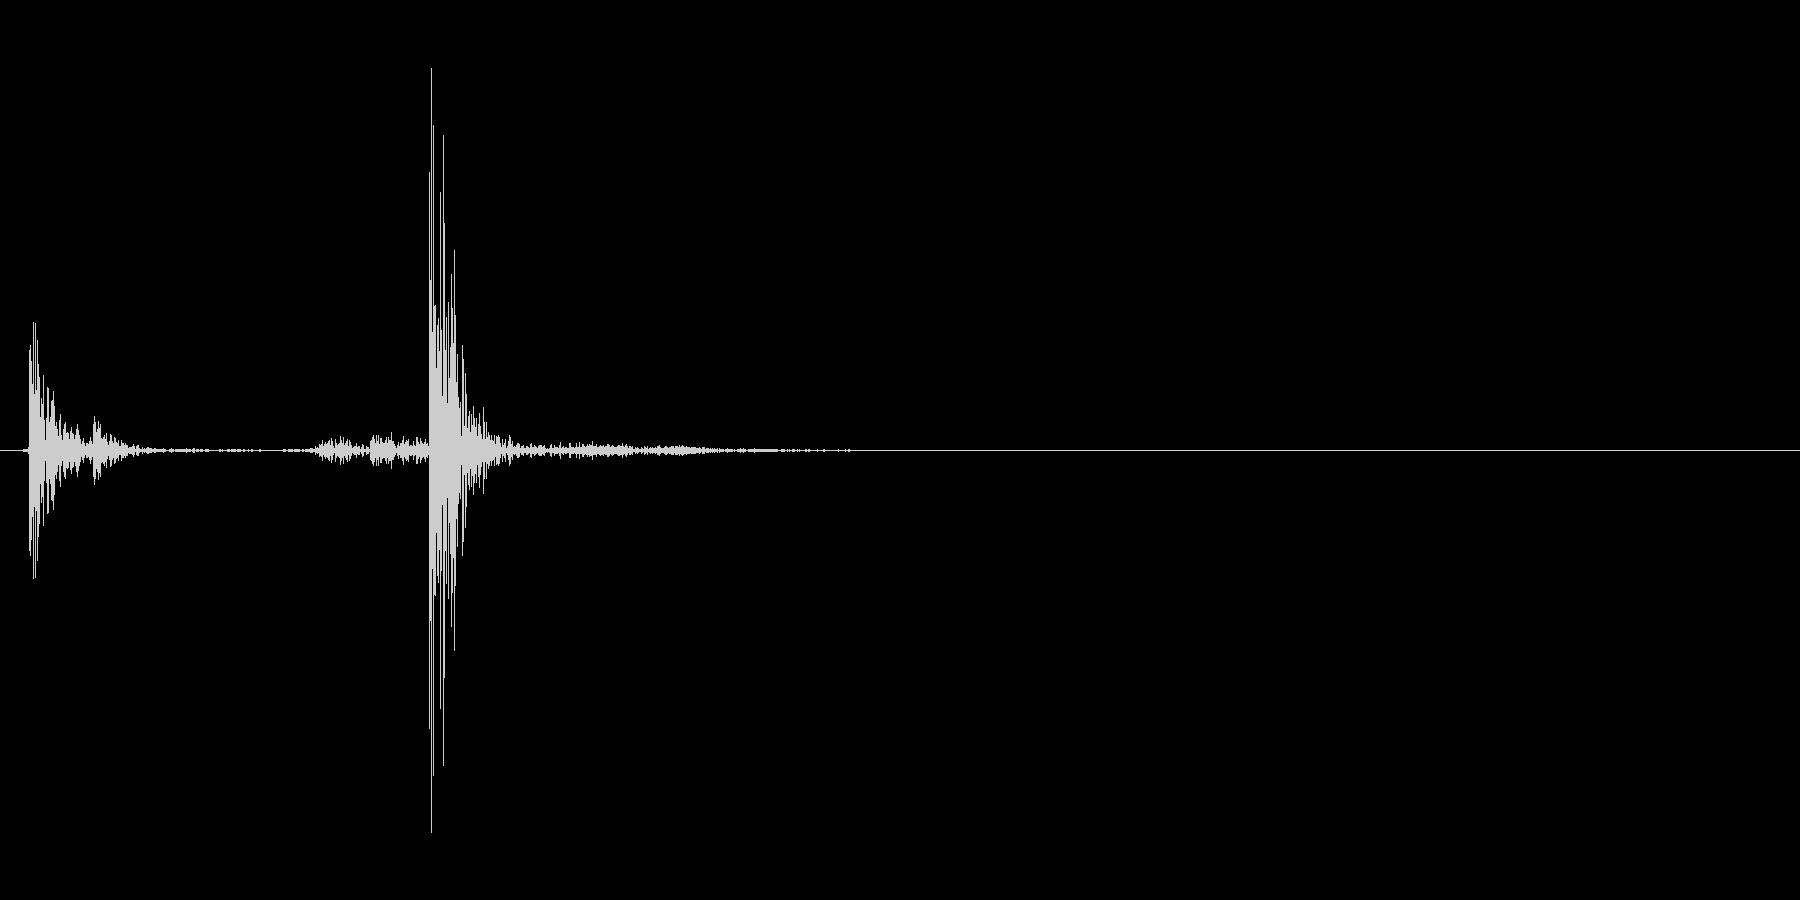 閉じる(プラスチックのケース)_3の未再生の波形